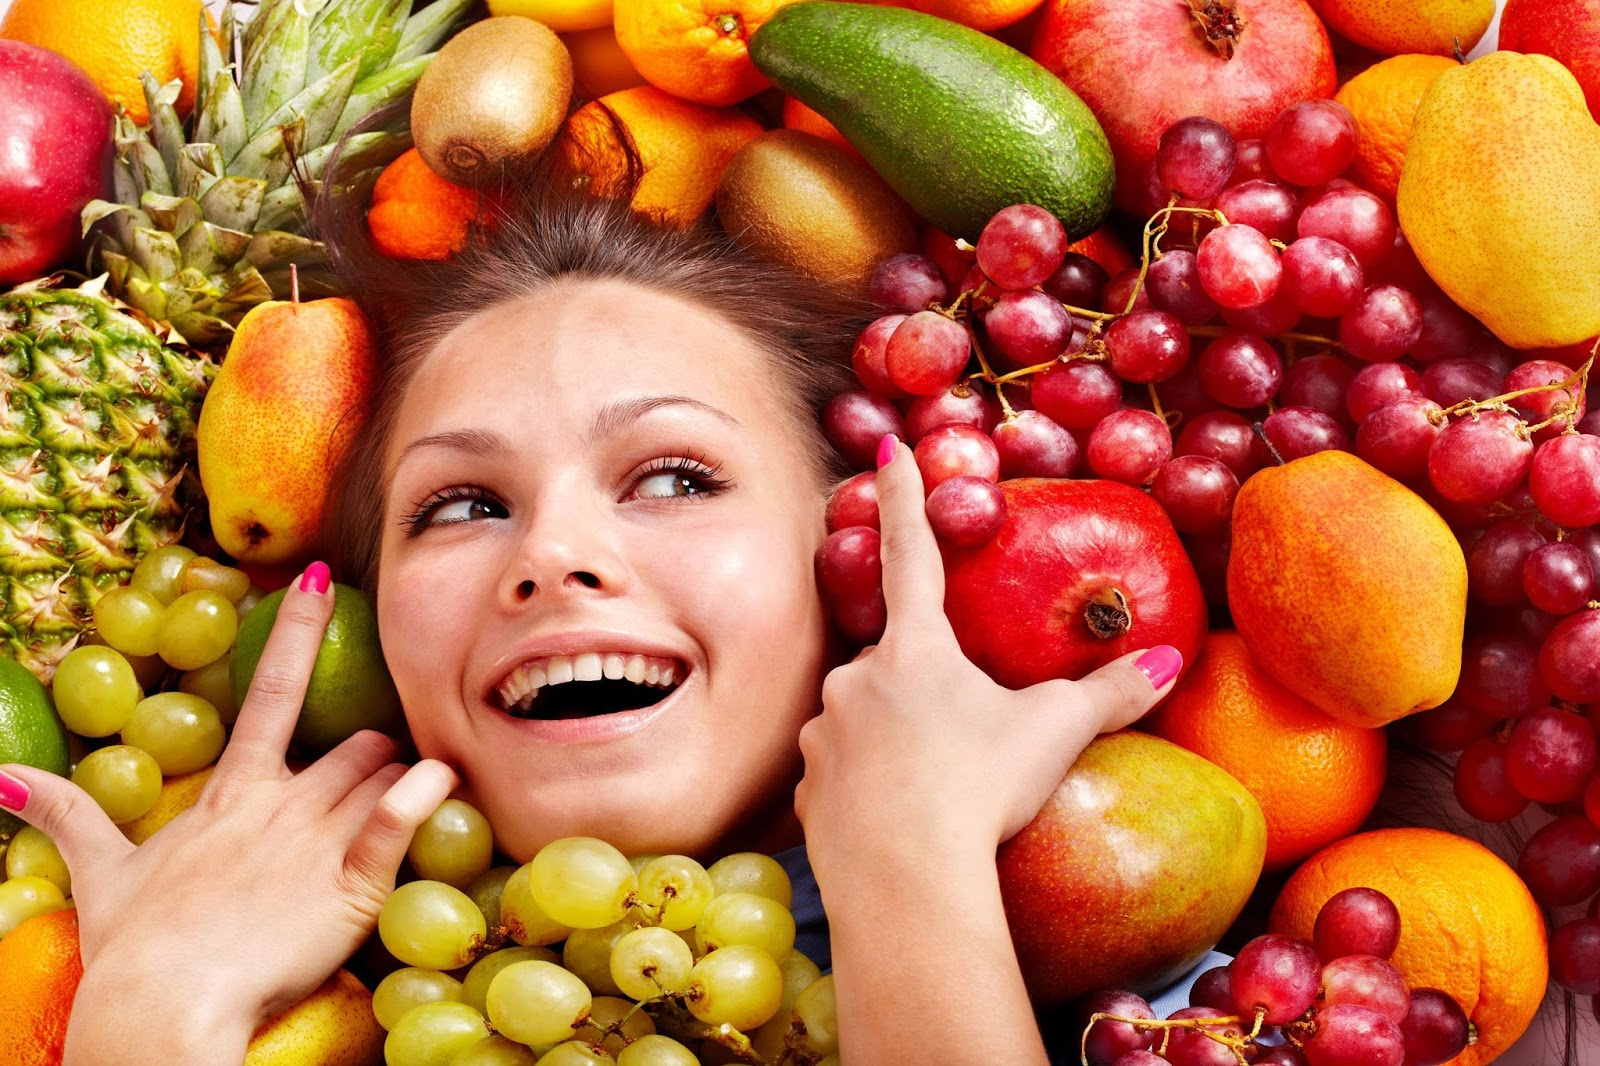 Makanan untuk Merawat Kesehatan Kulit Wajah